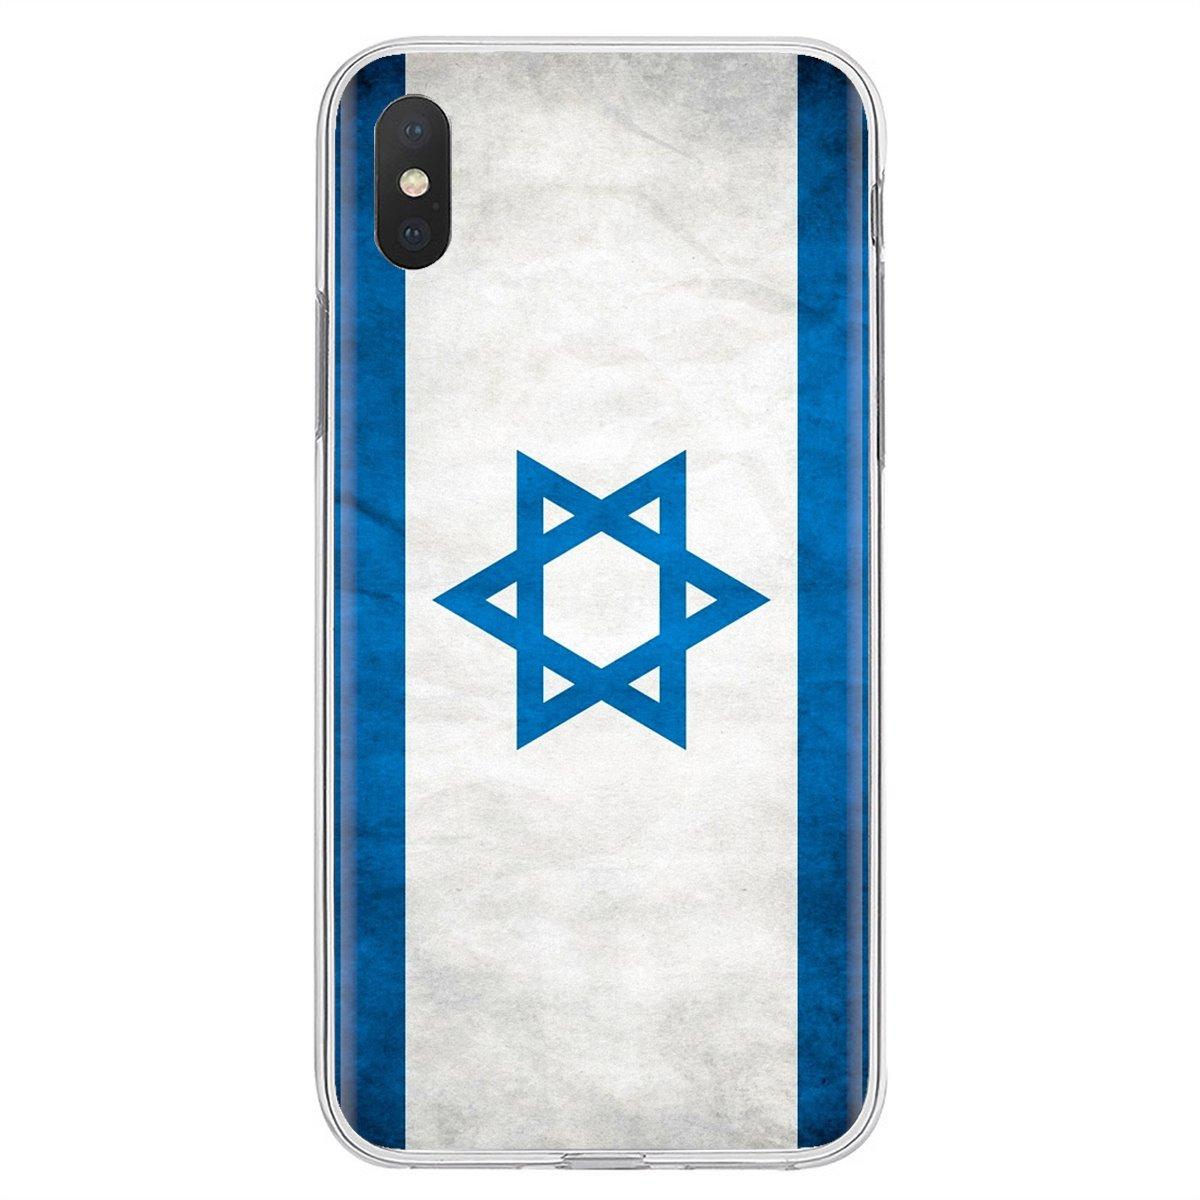 Funda de silicona para teléfono bandera de israel banners nacionales para Samsung Galaxy A3 A5 A7 A9 A8 Star Lite A6 Plus 2018 2015 2016 2017